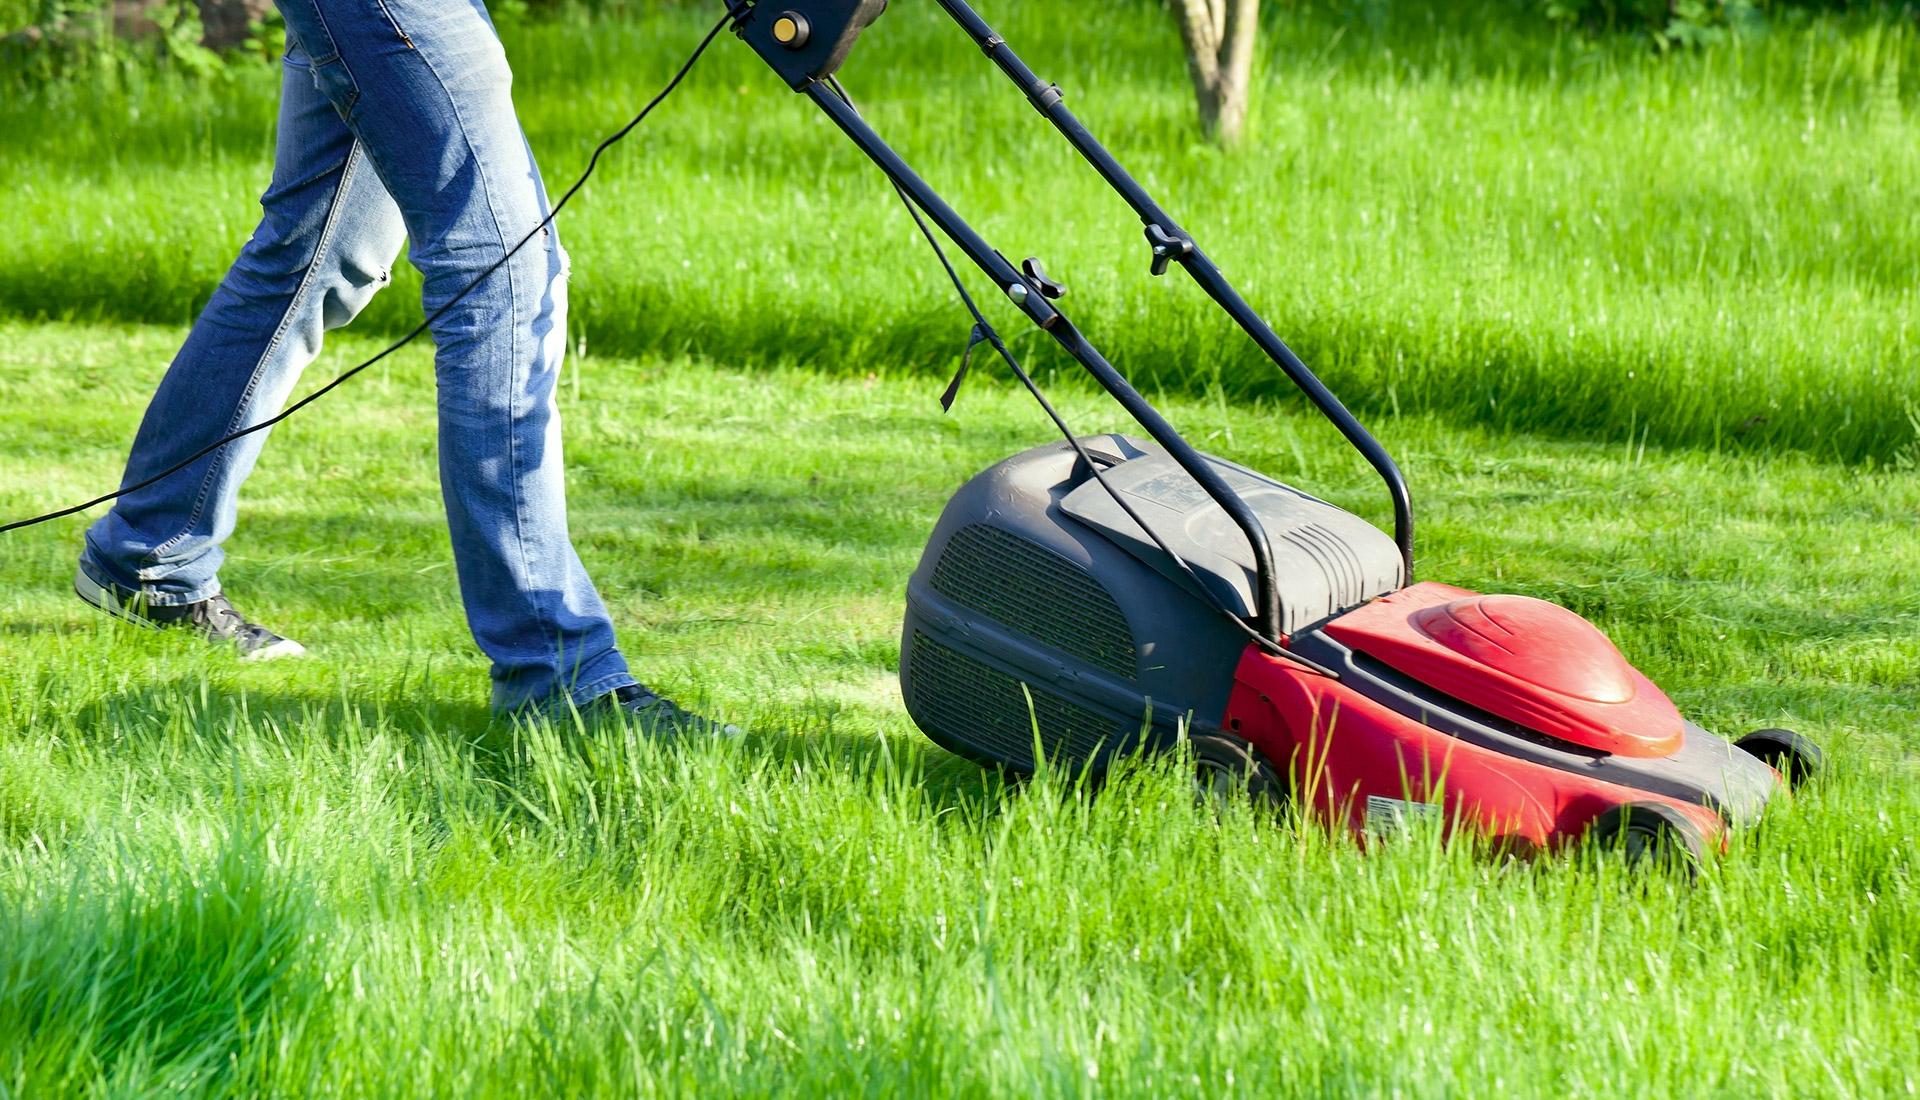 Газонокосилка с большим баком для травы